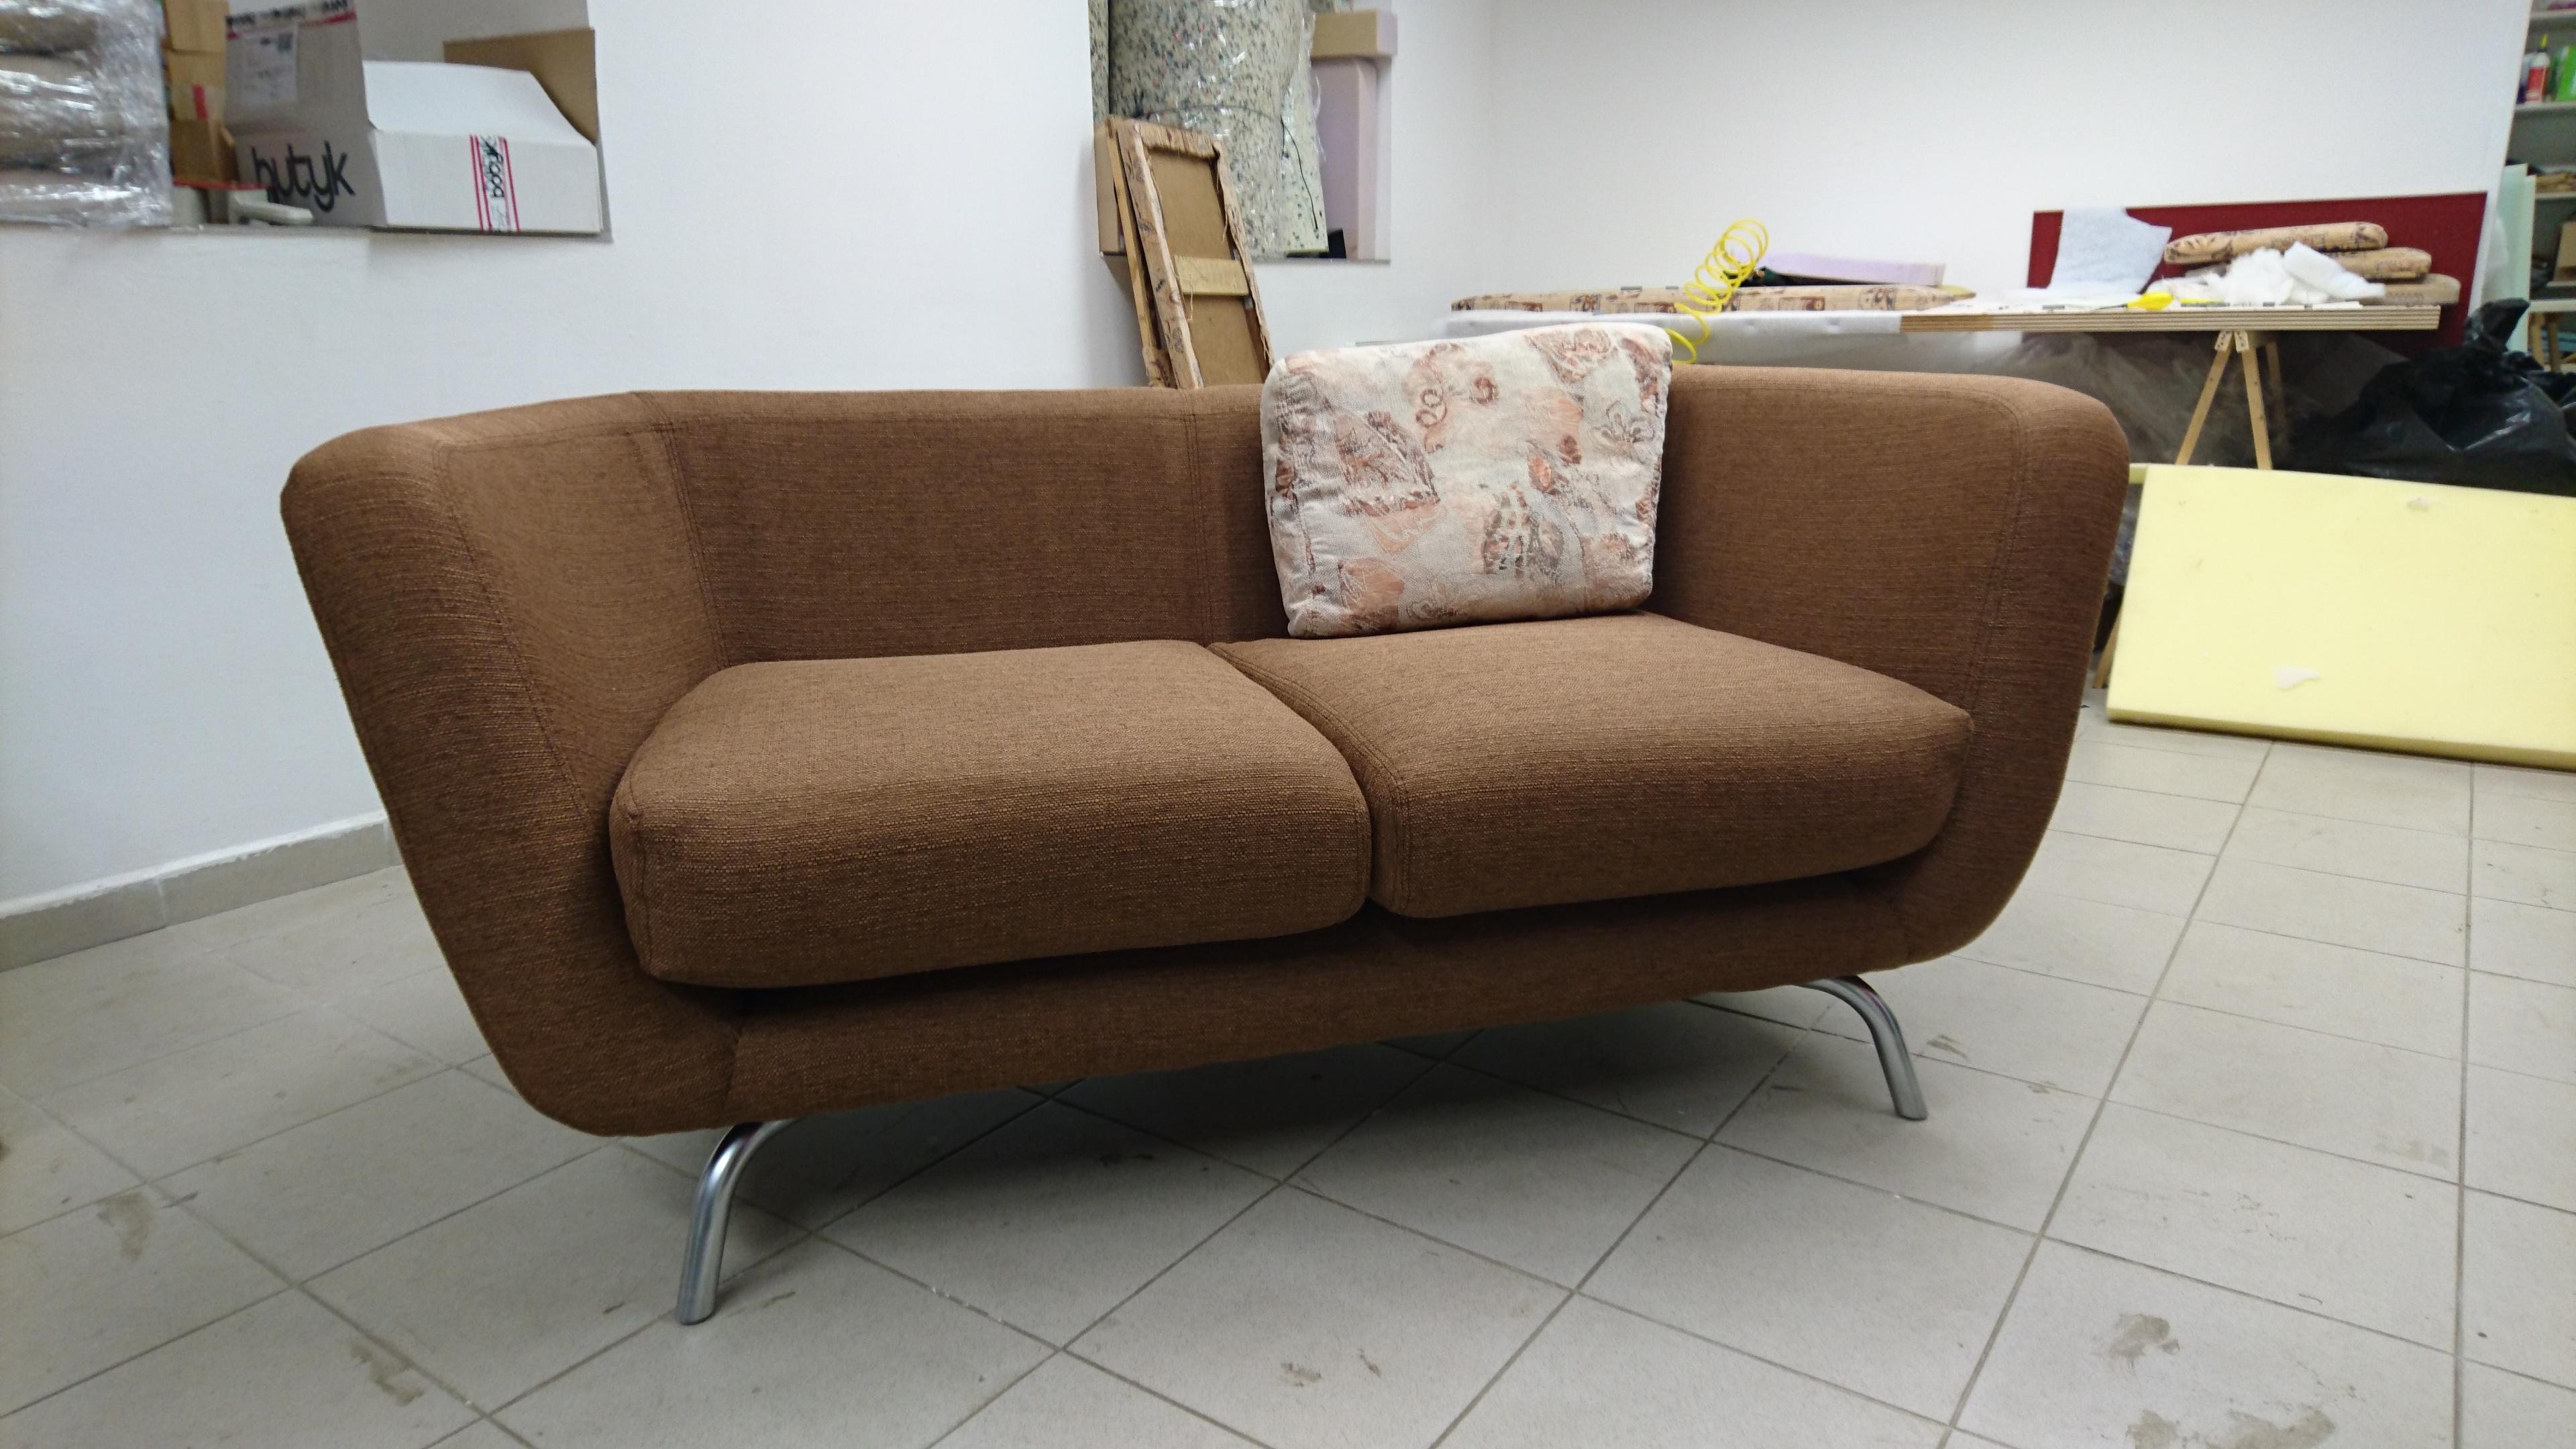 Sofa po renovaci